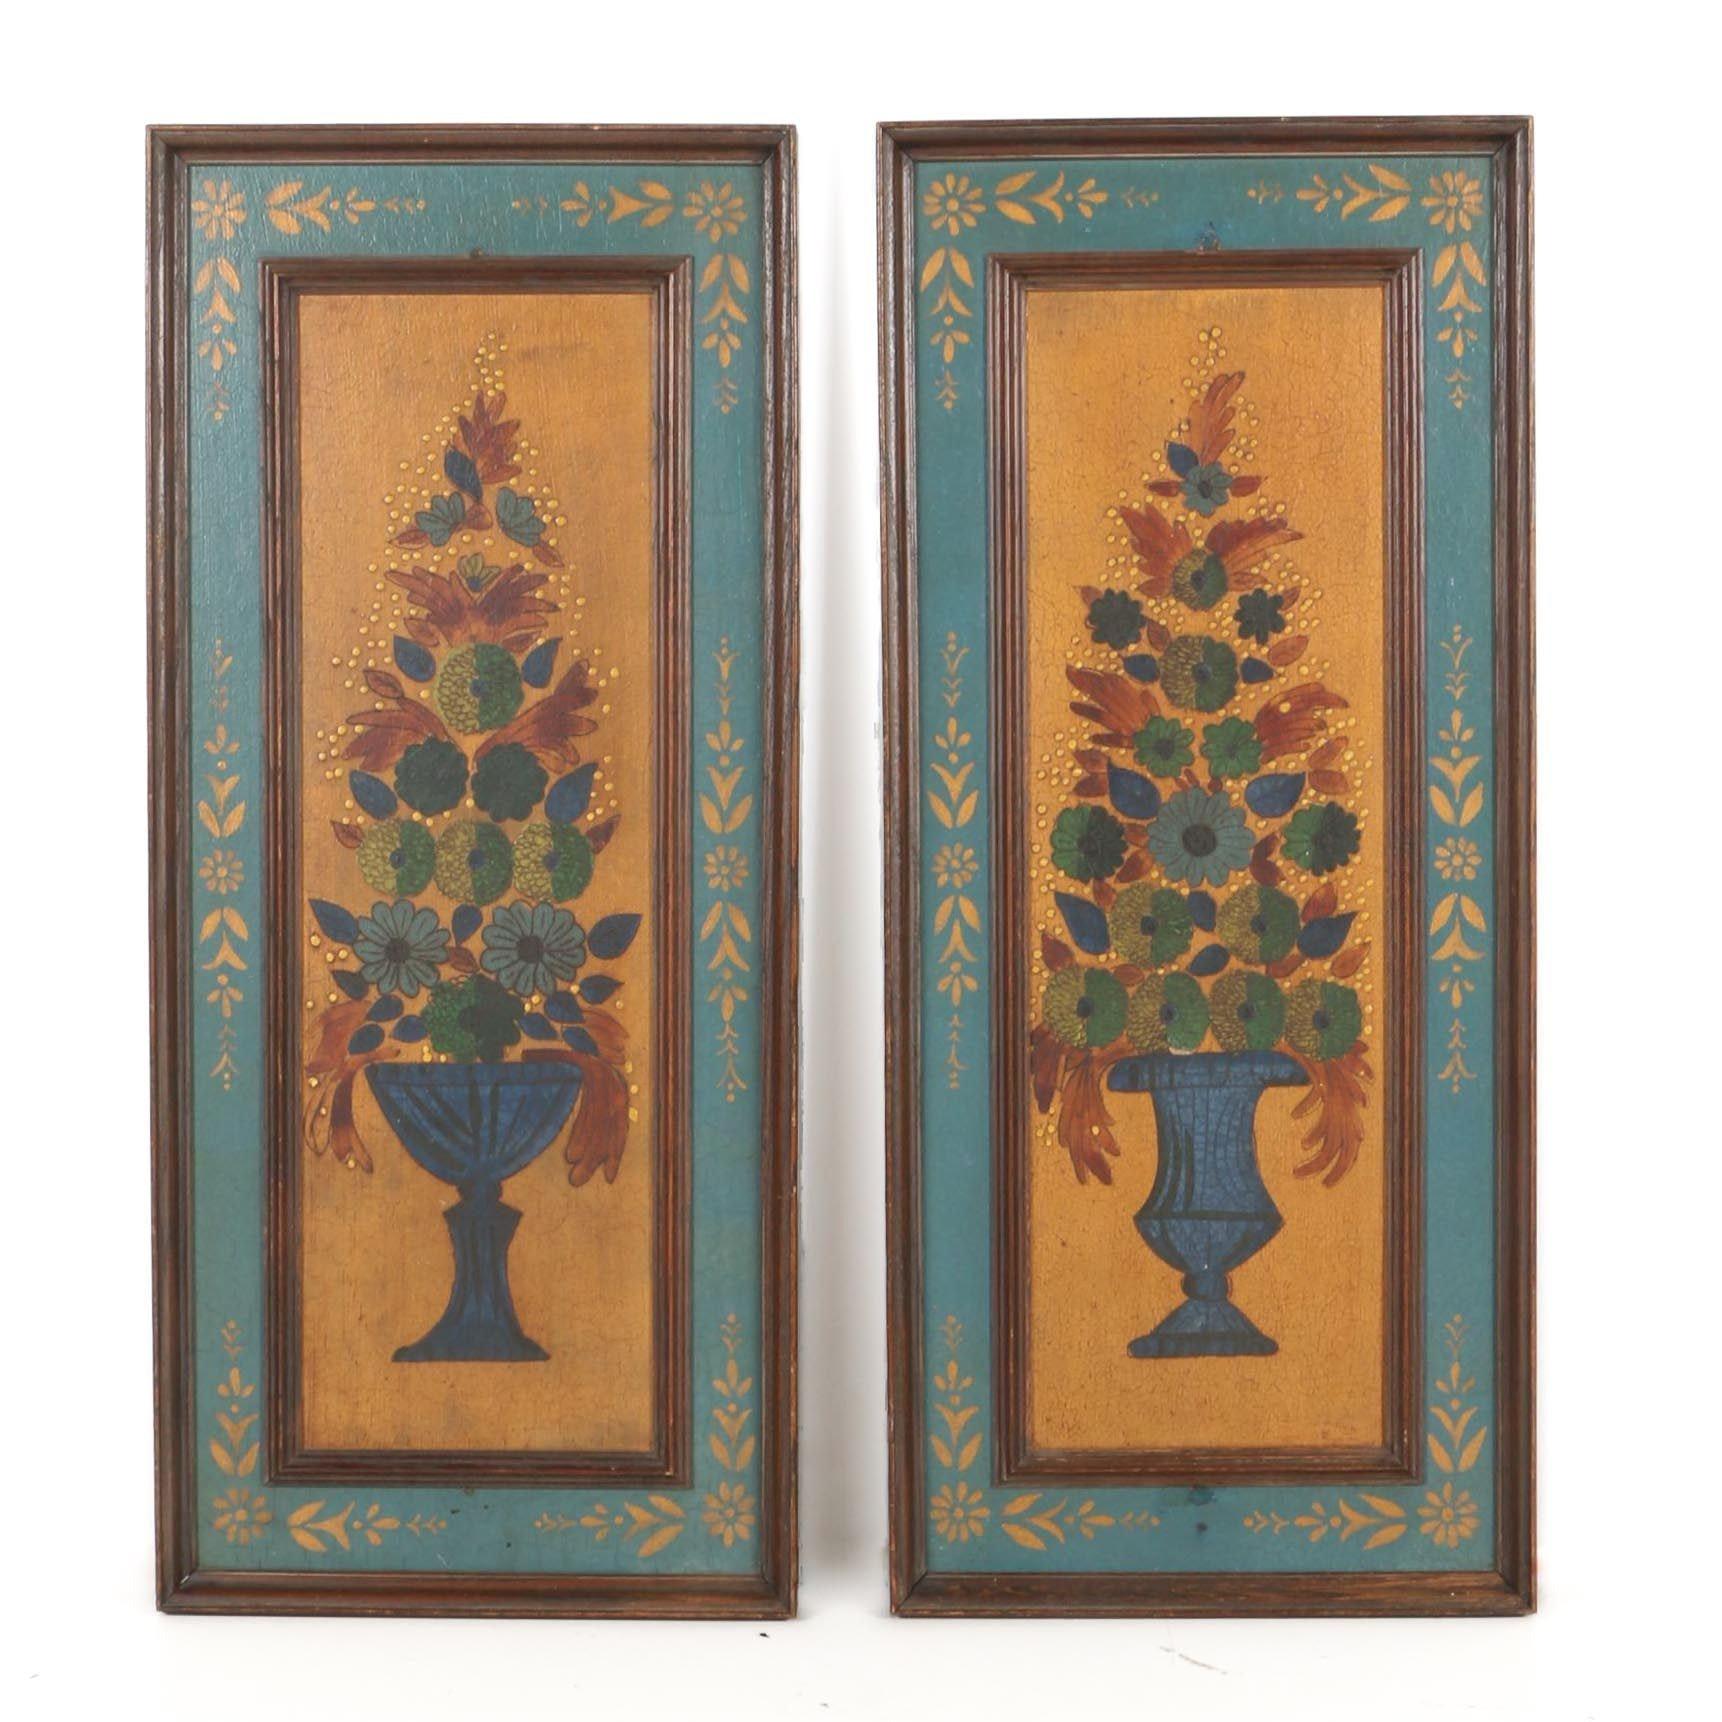 Painted Panels of Floral Arrangements